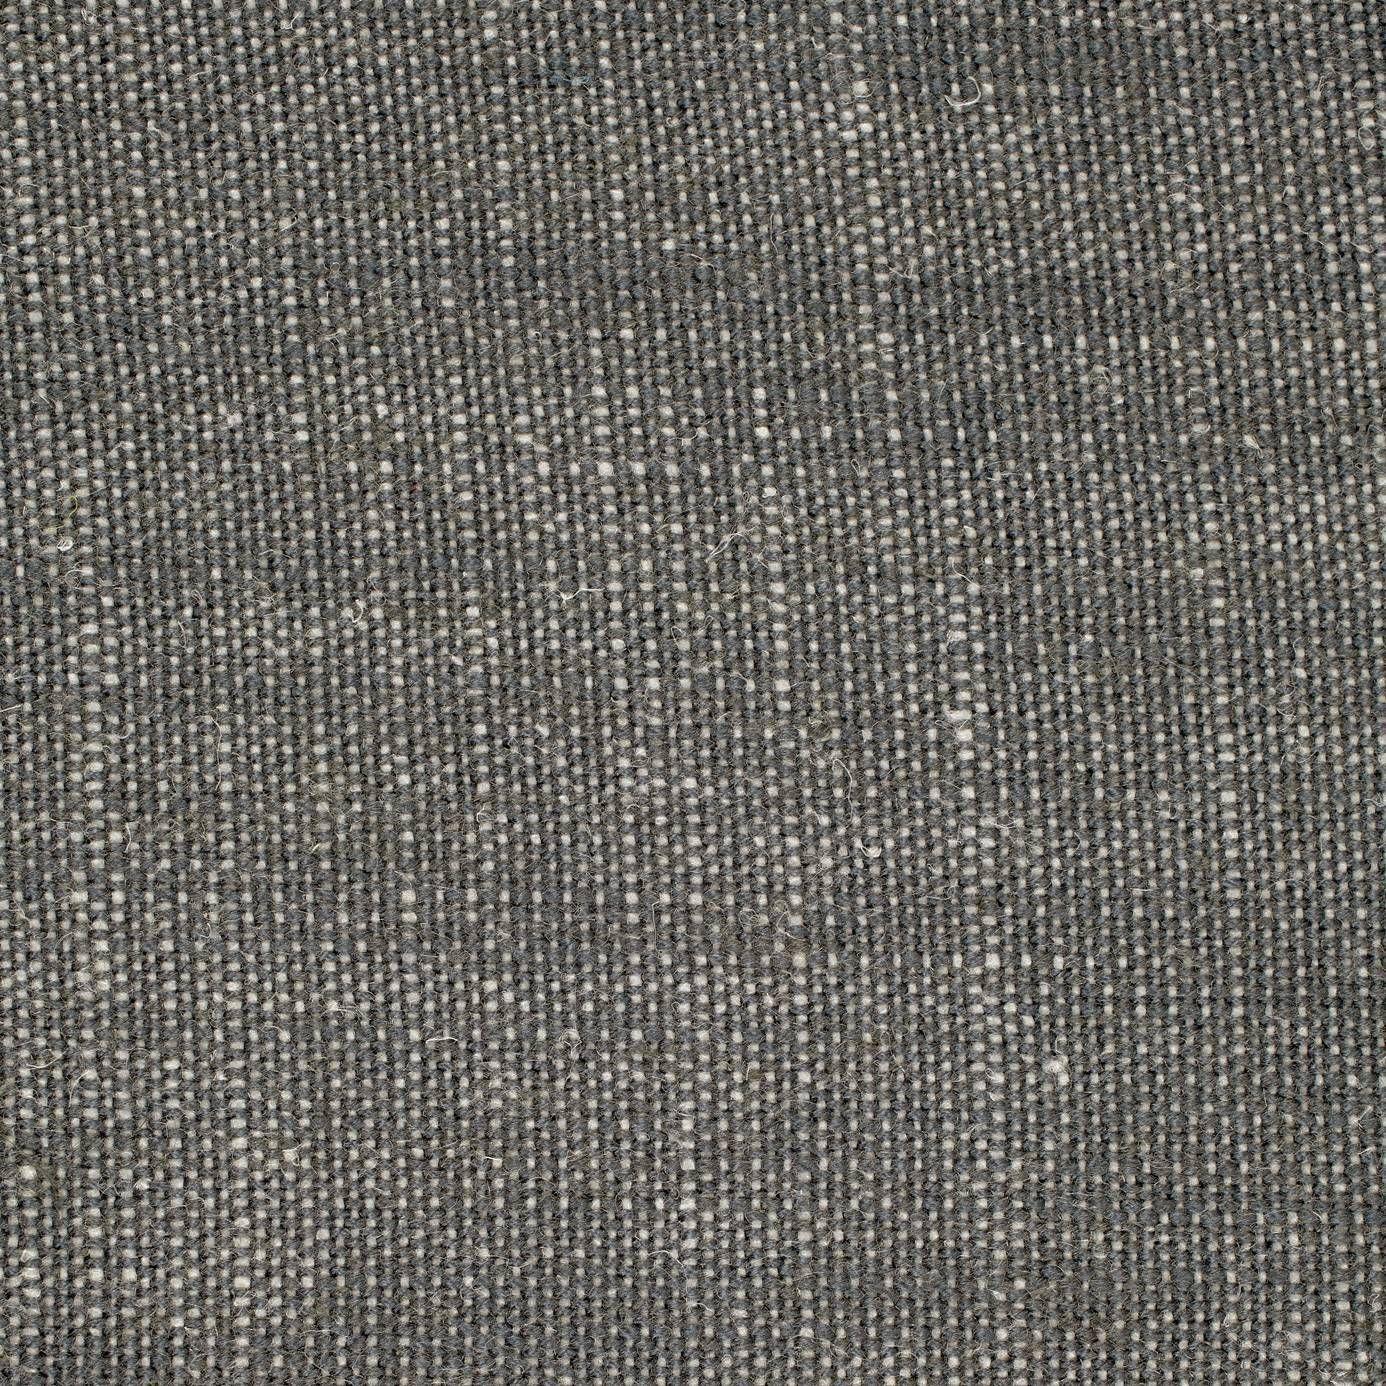 Interior Lowlands: Scion Plains One Plus 1 Fabric